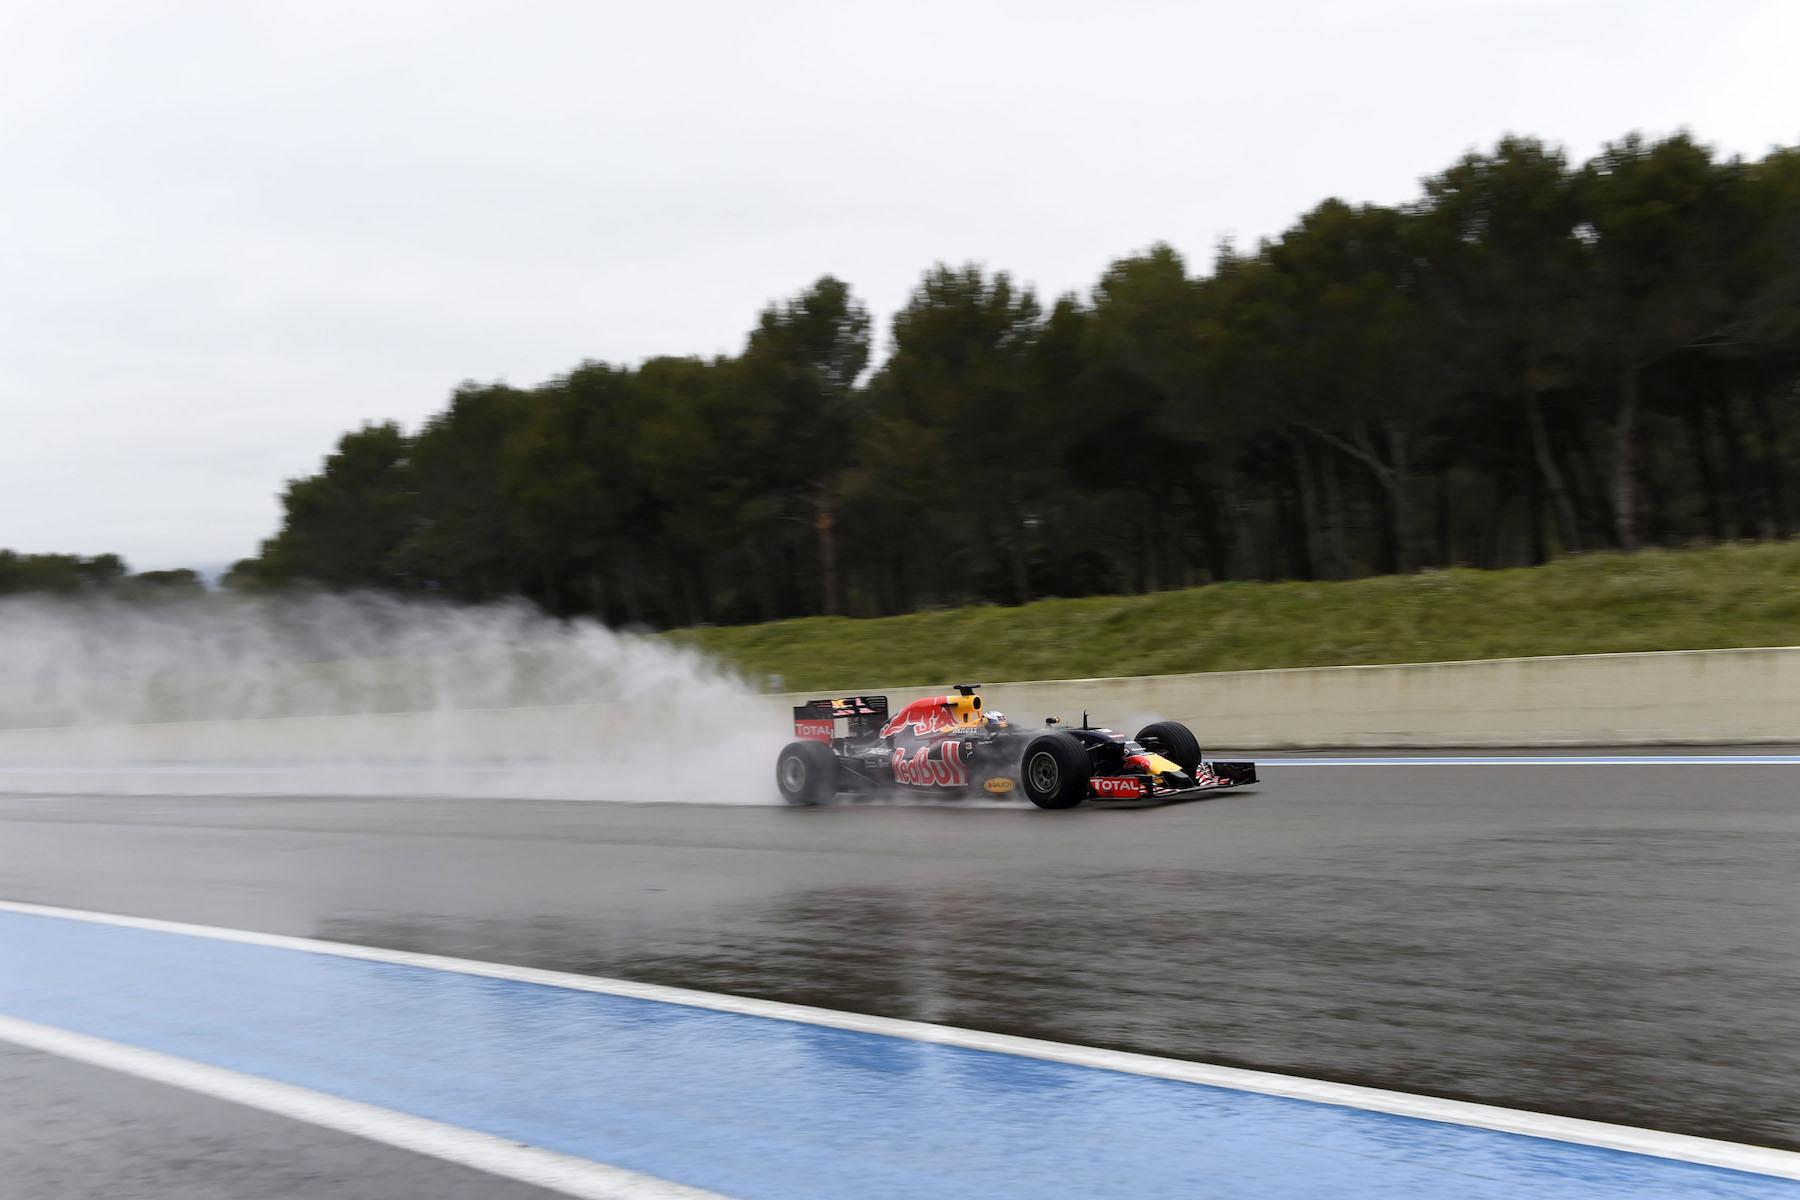 Daniel Ricciardo at speed in France